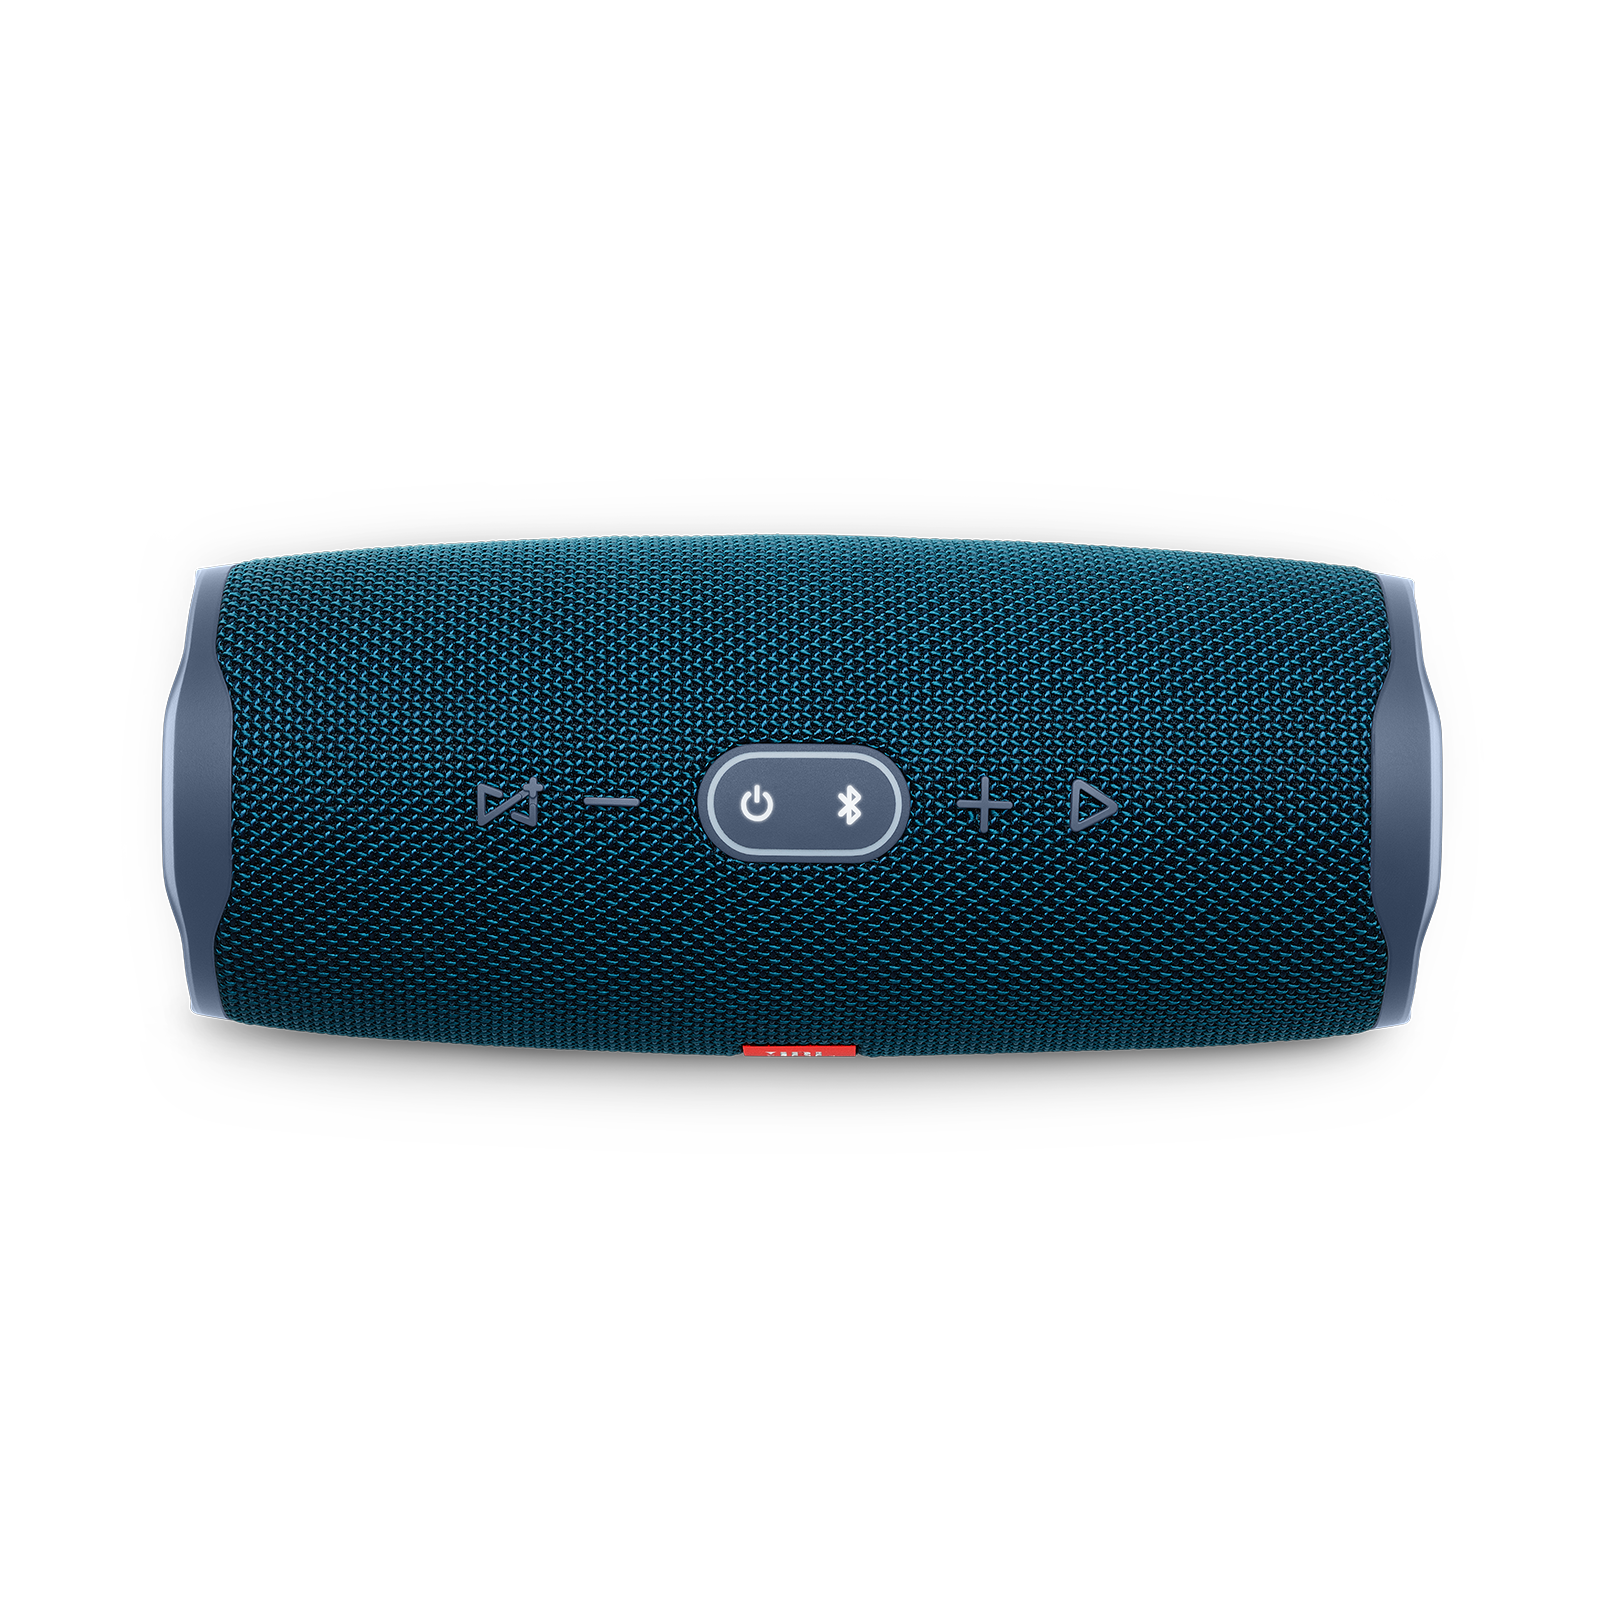 JBL Charge 4 - Blue - Portable Bluetooth speaker - Detailshot 1